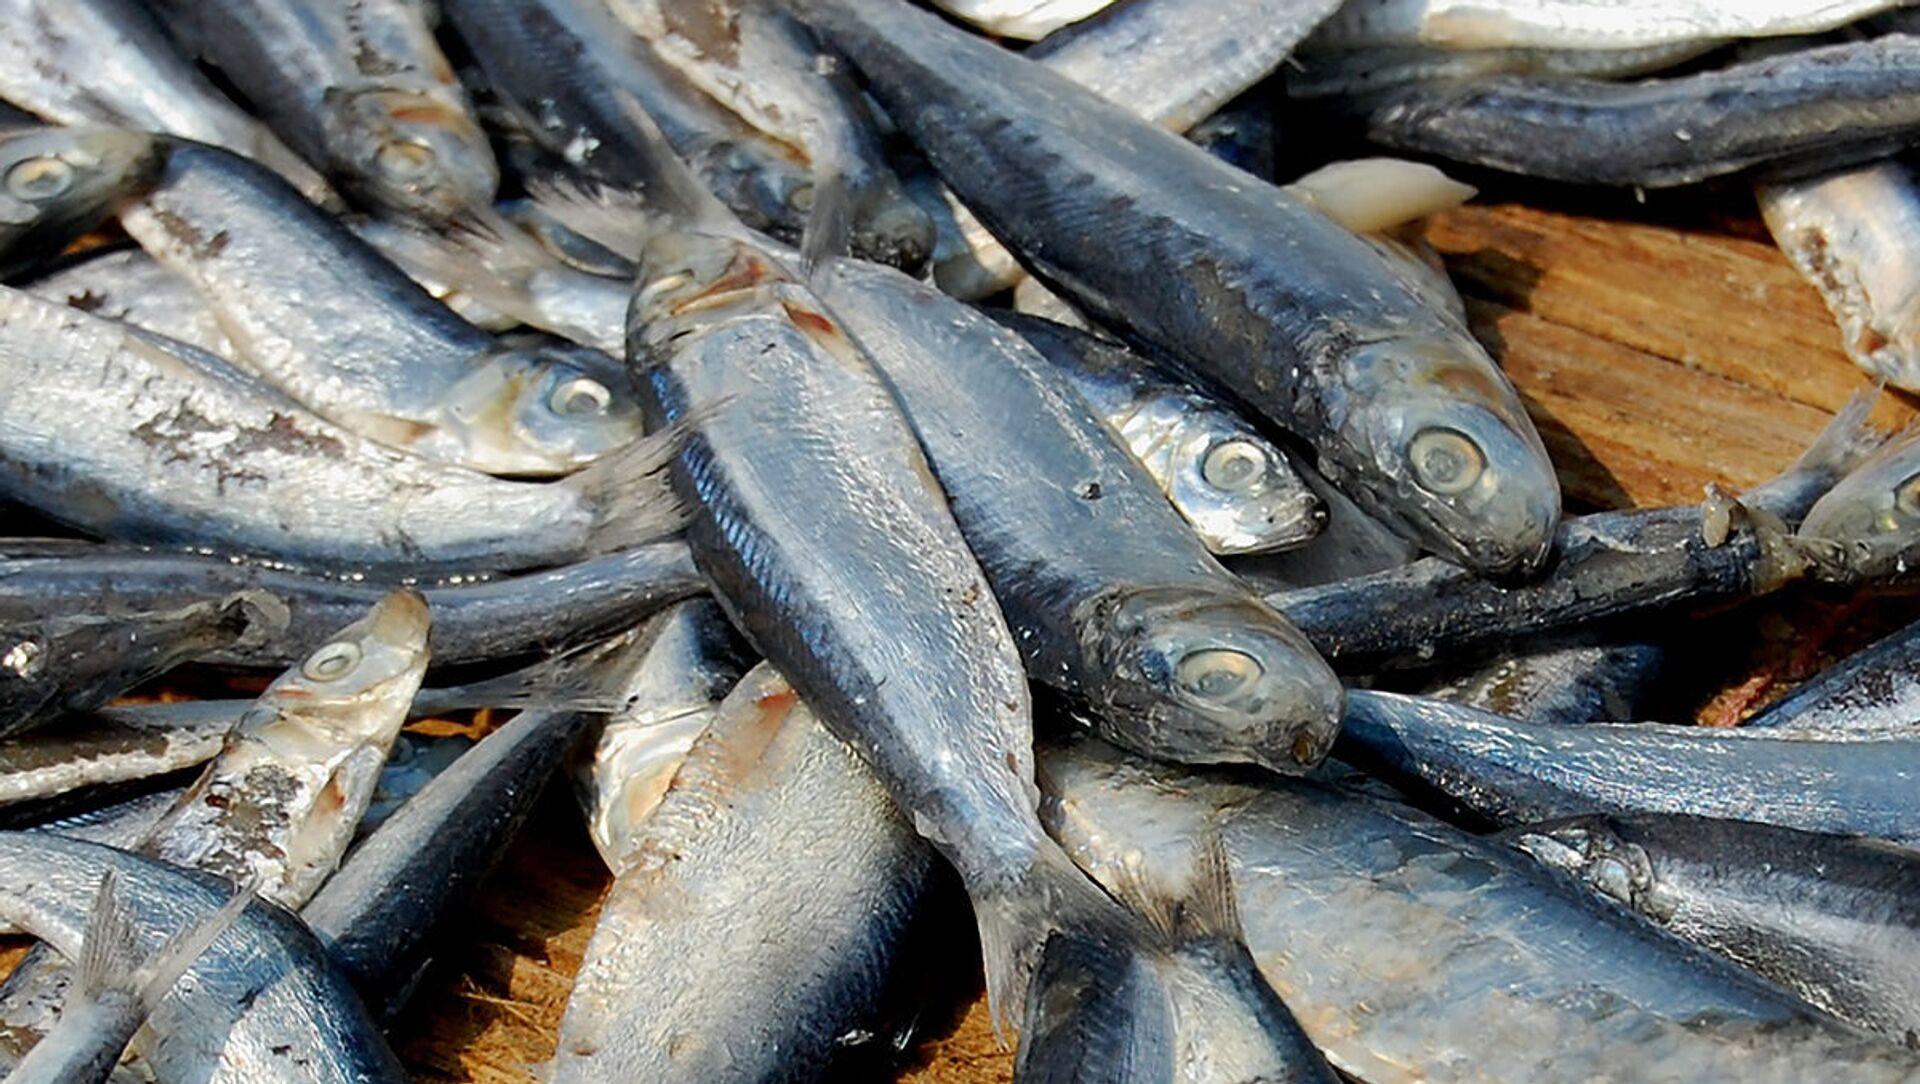 日本の水産物の生産量 2年連続で過去最低 サンマなどの不漁が原因 - Sputnik 日本, 1920, 31.05.2021